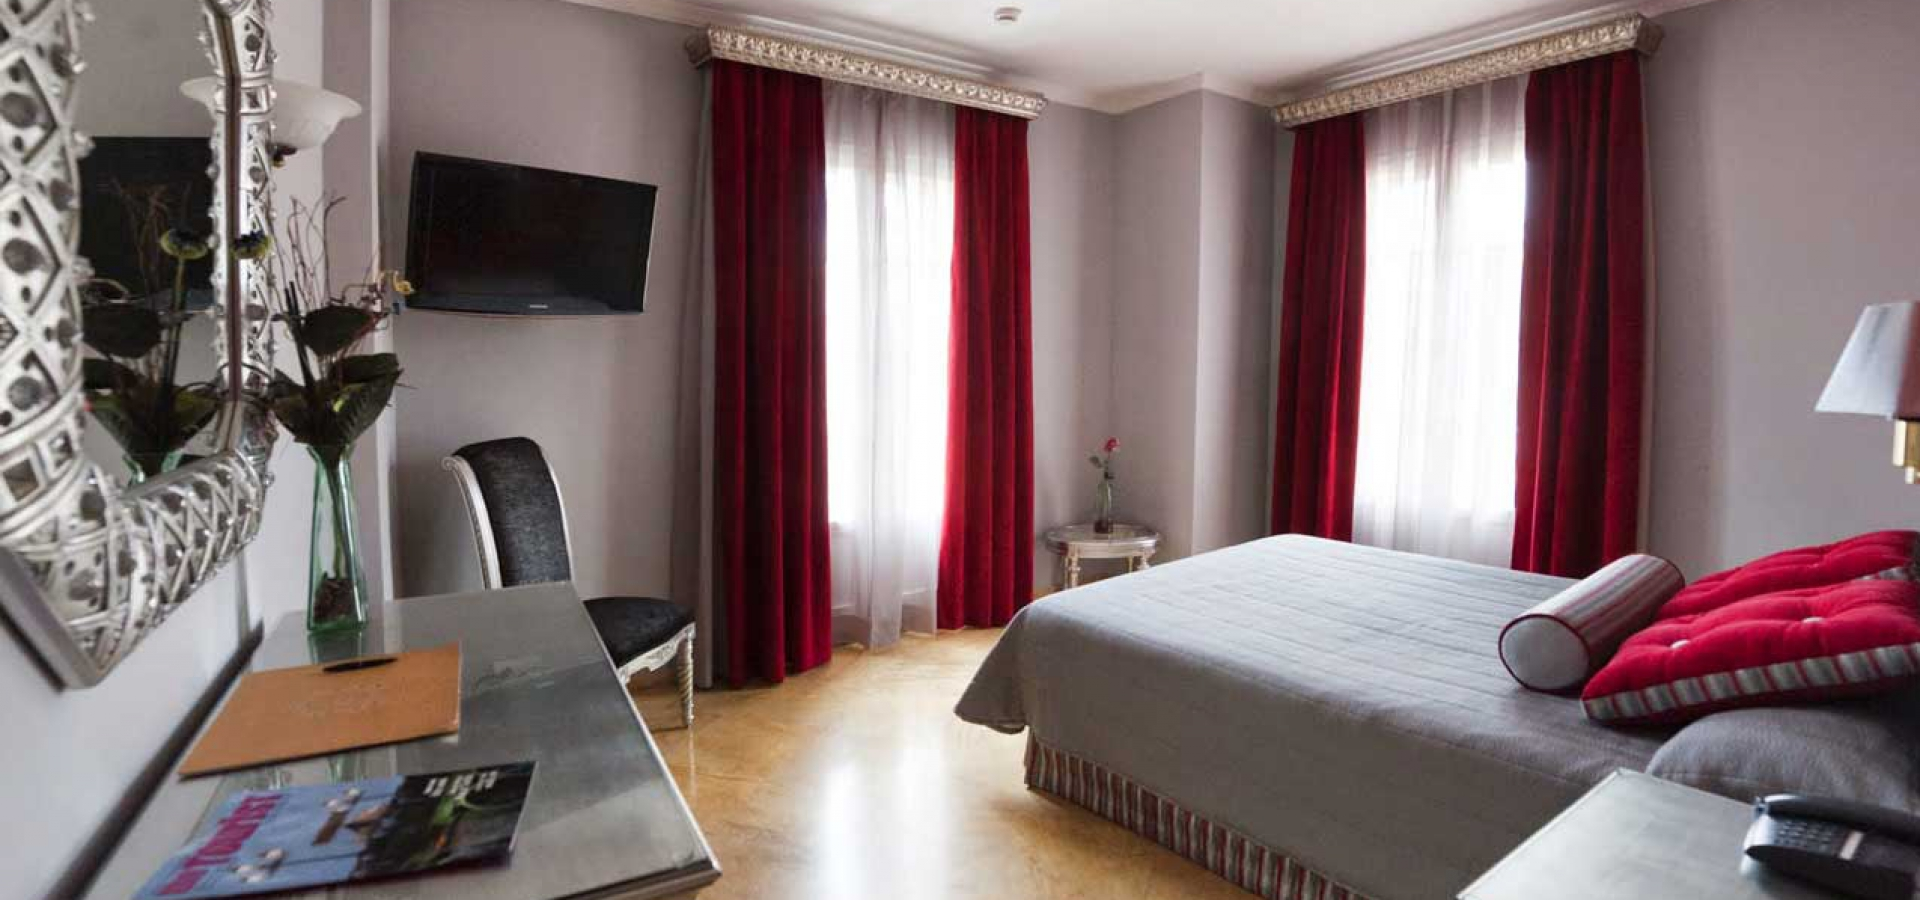 Отель в центре СевильиОтель в центре Севильи